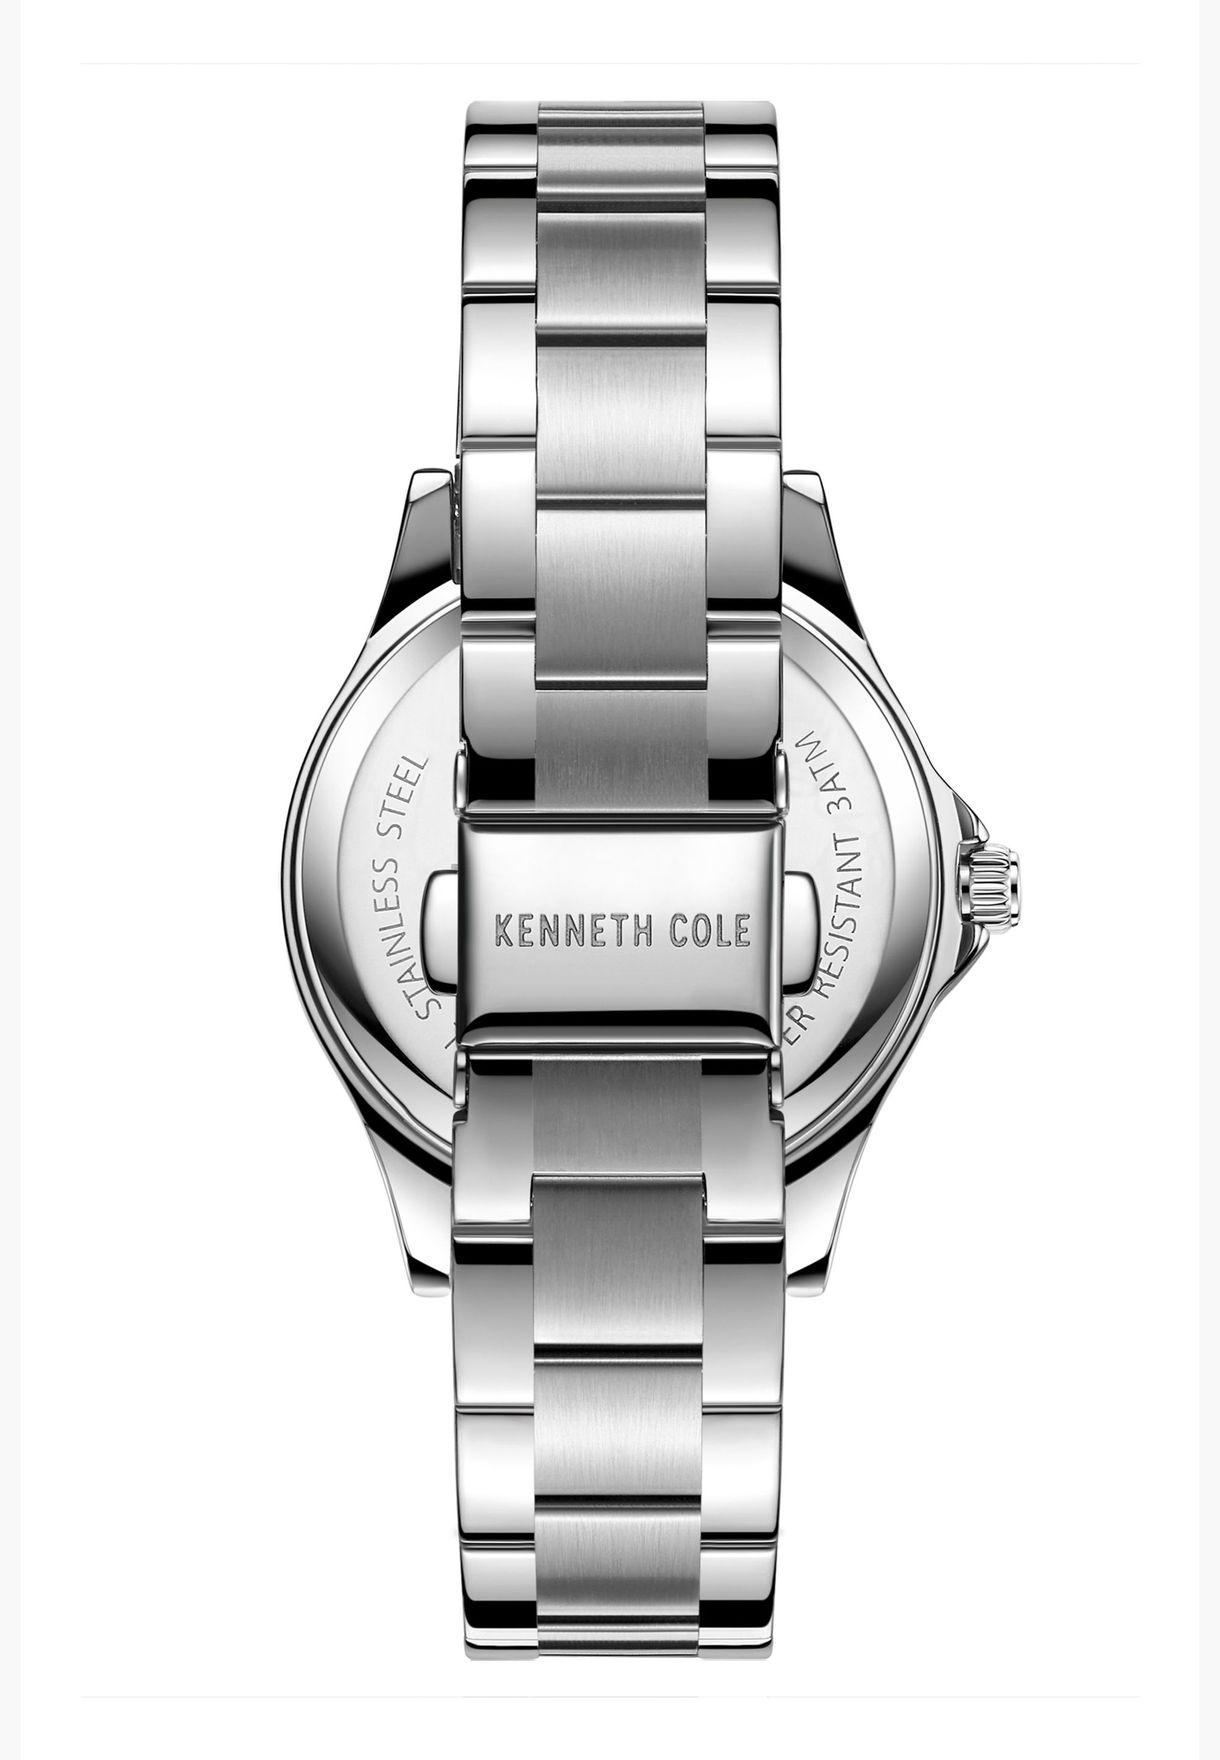 كينيث كول طقم ساعة بسوار ستانلس ستيل للجنسين - KC50994001